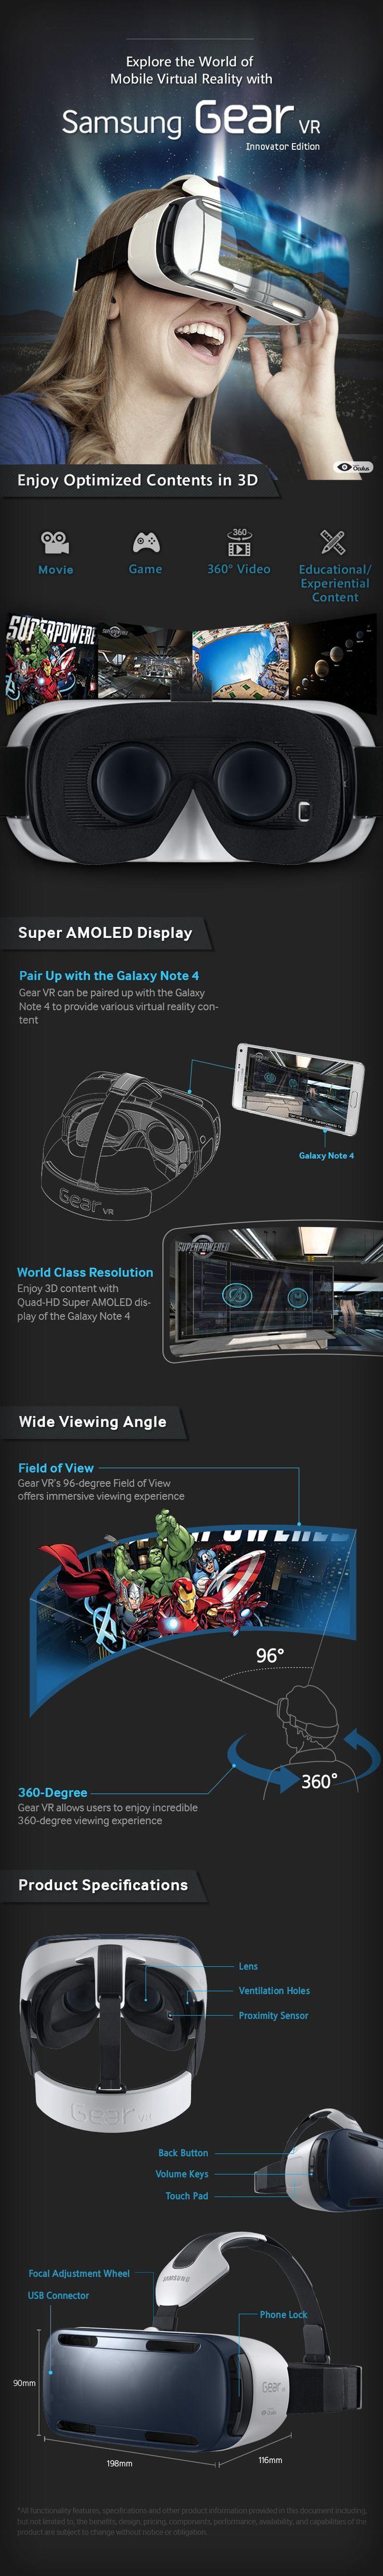 Samsung Gear VR. Un'infografica ne illustra specifiche e funzionalità.